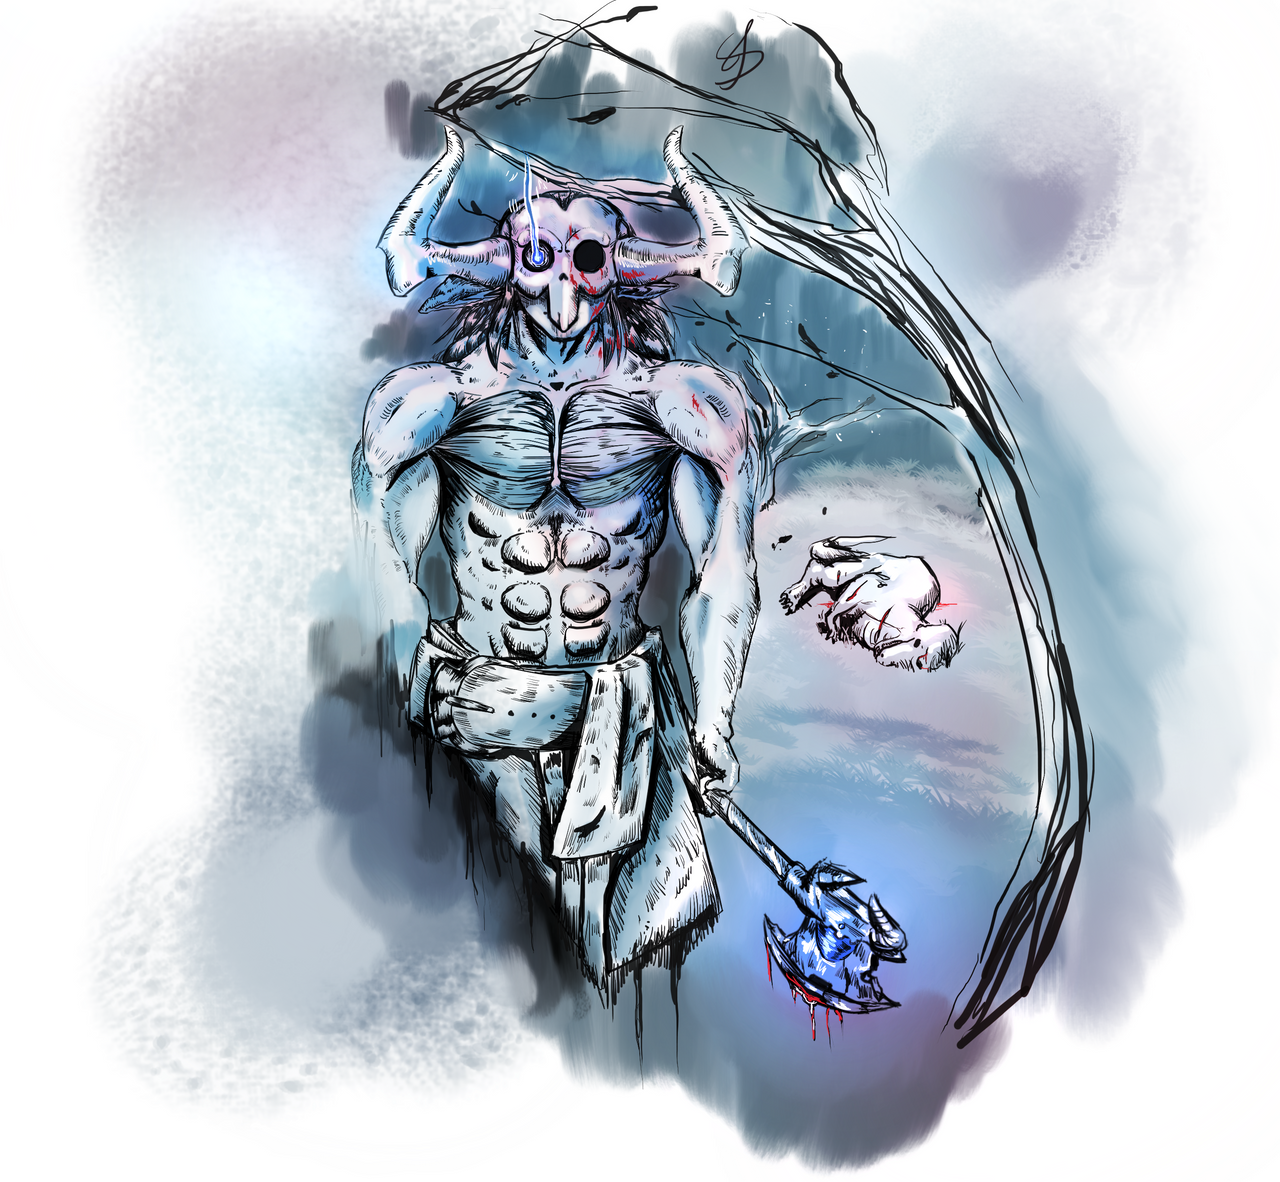 Zil - DaFam Art fight 2018! by RandomDigiArtist